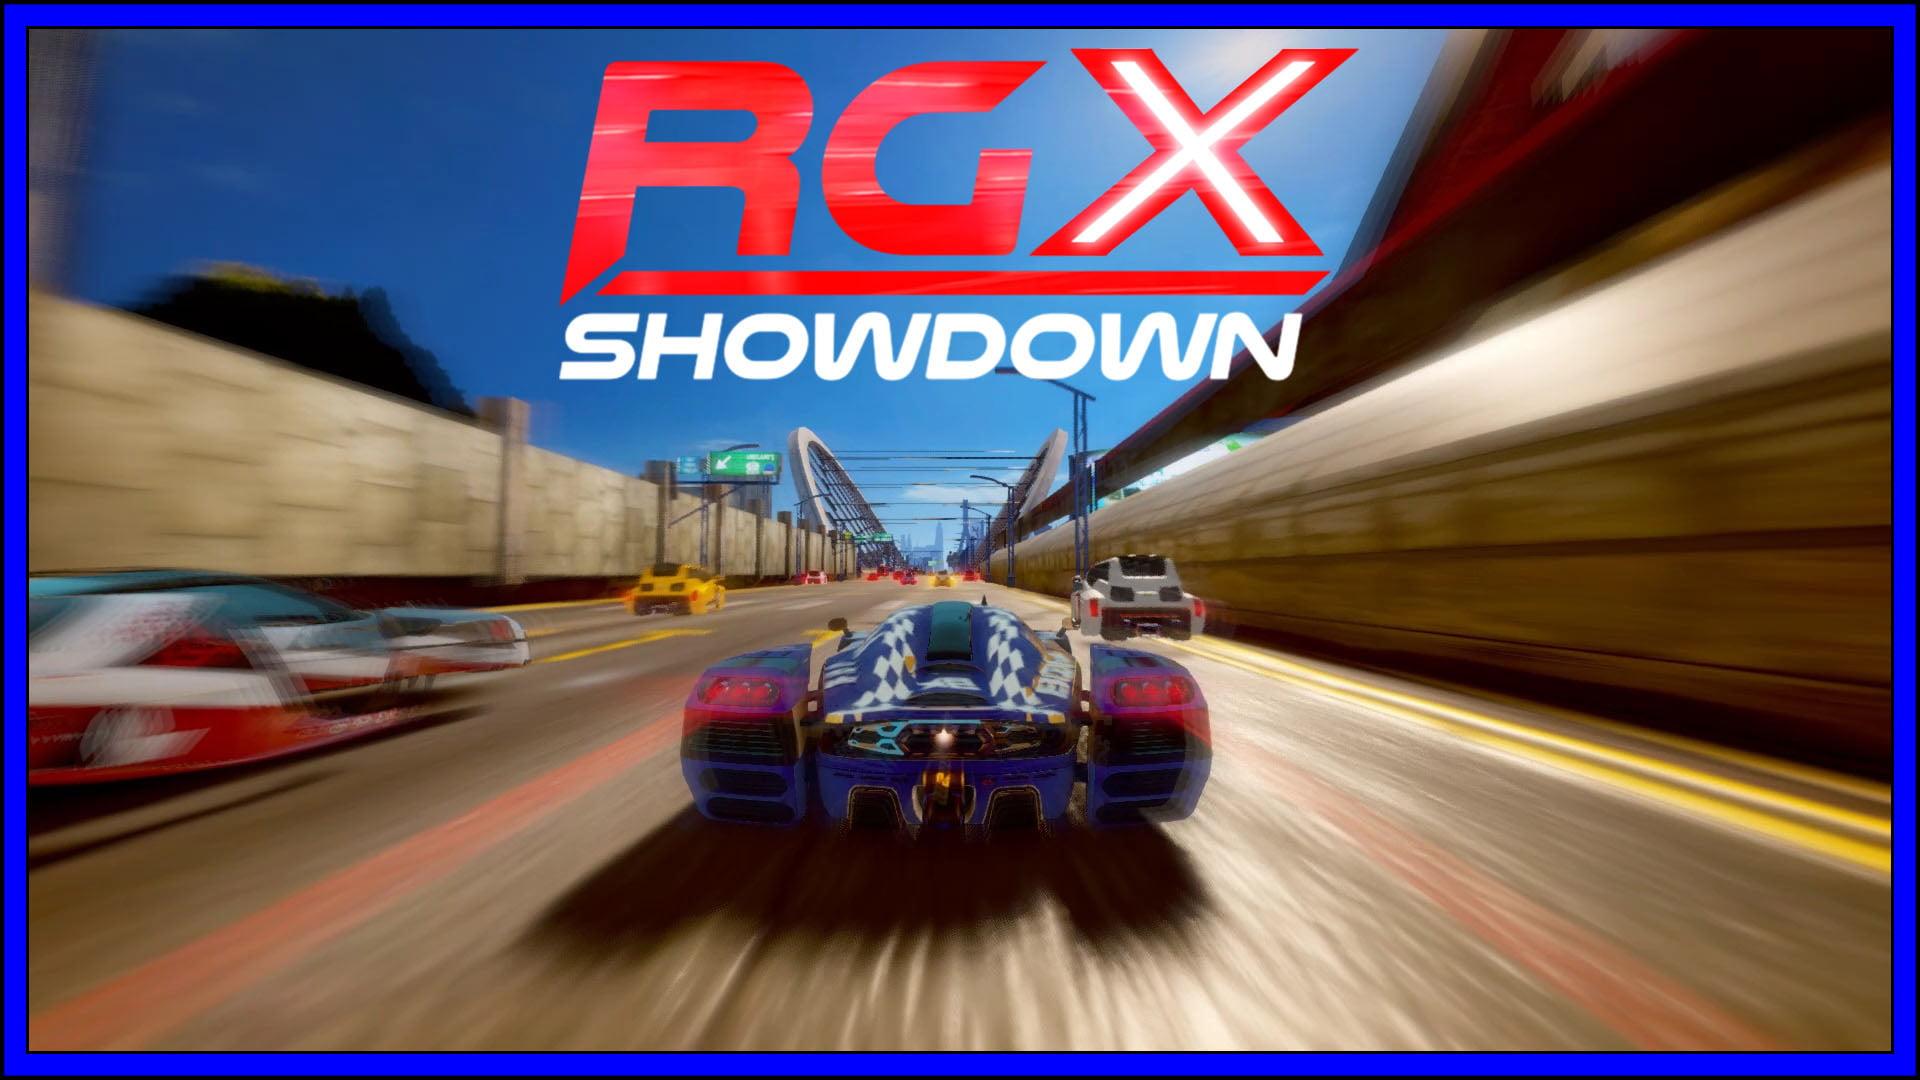 RGX Showdown Fi3